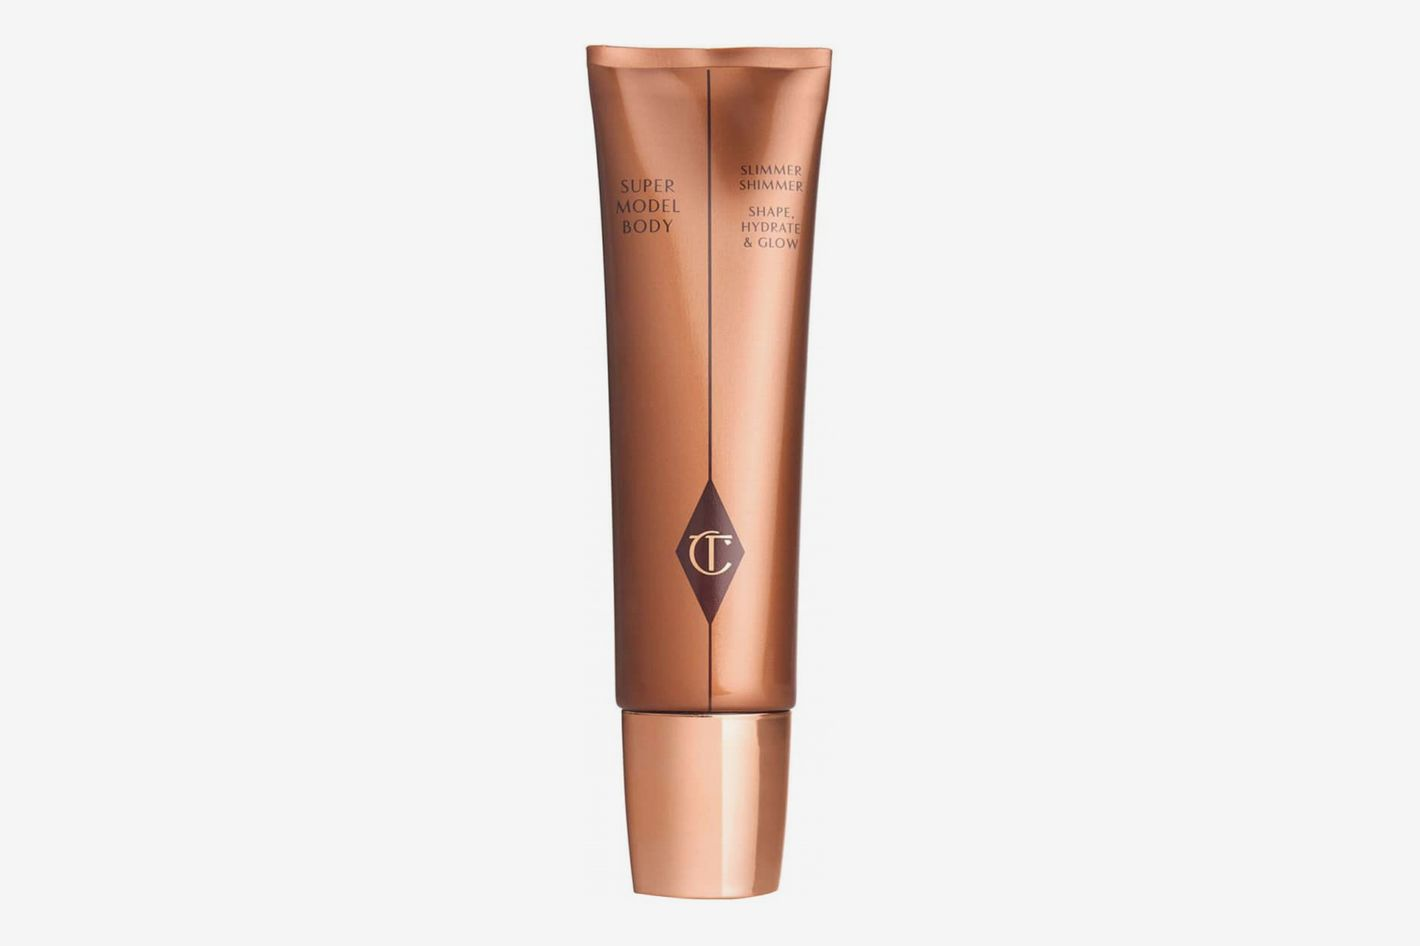 Charlotte Tilbury Supermodel Body Slimmer Shimmer Shape, Hydrate & Glow